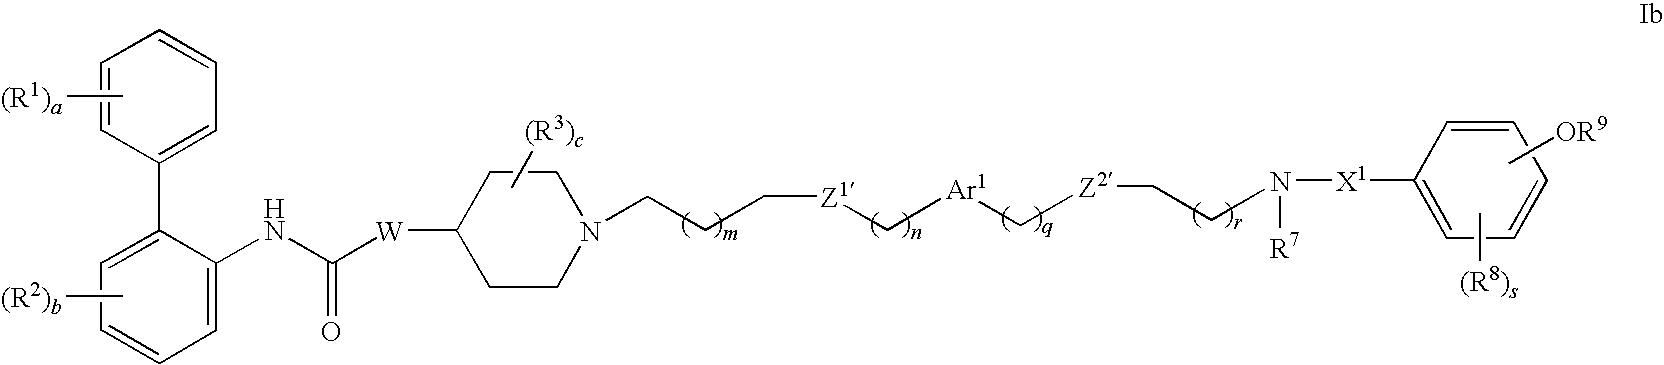 Figure US20100093753A1-20100415-C00006